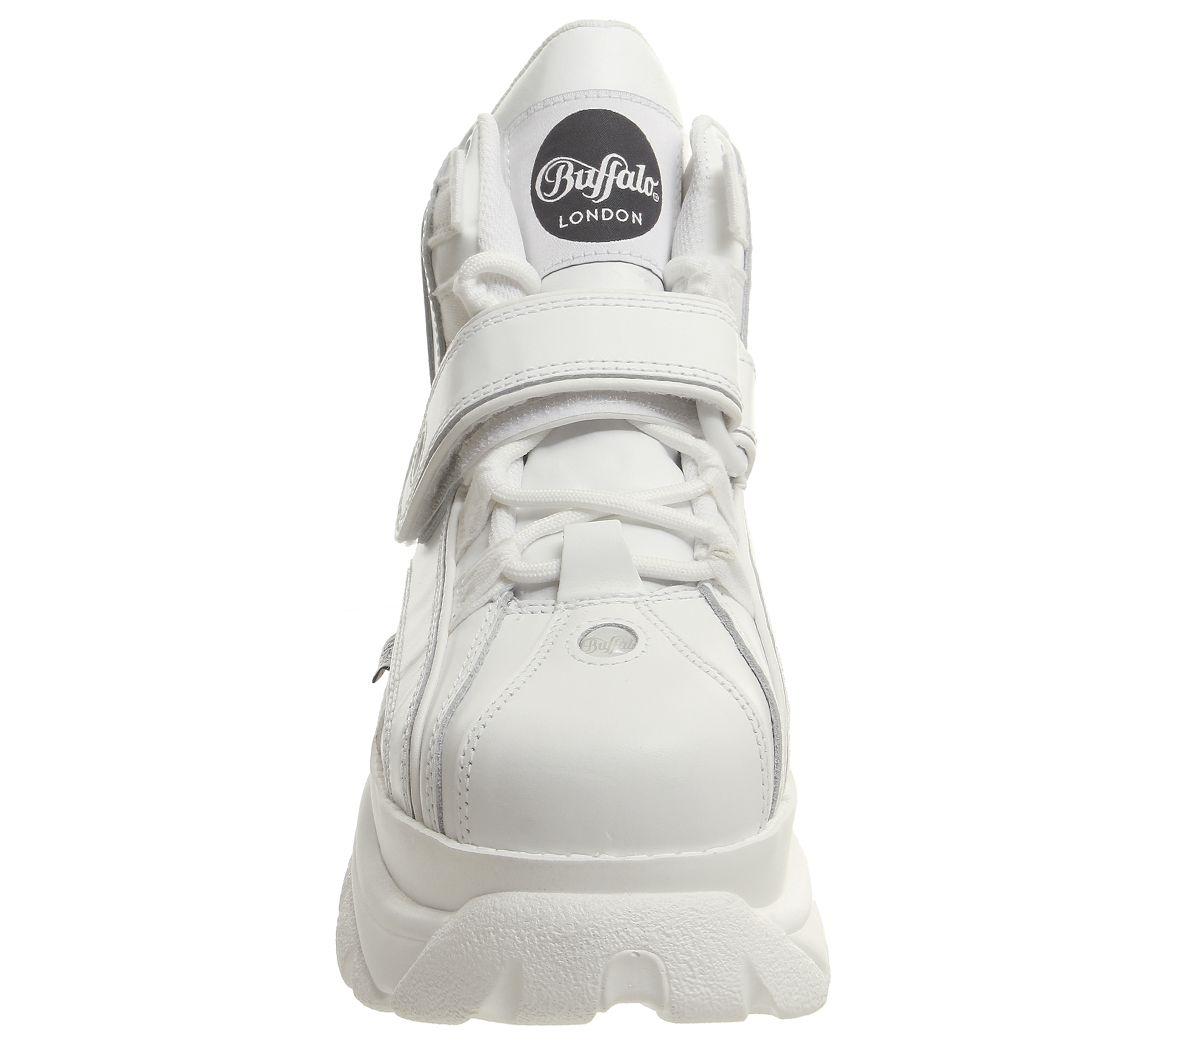 Womens-Buffalo-Buffalo-Classic-High-Sneakers-White-Trainers-Shoes thumbnail 8